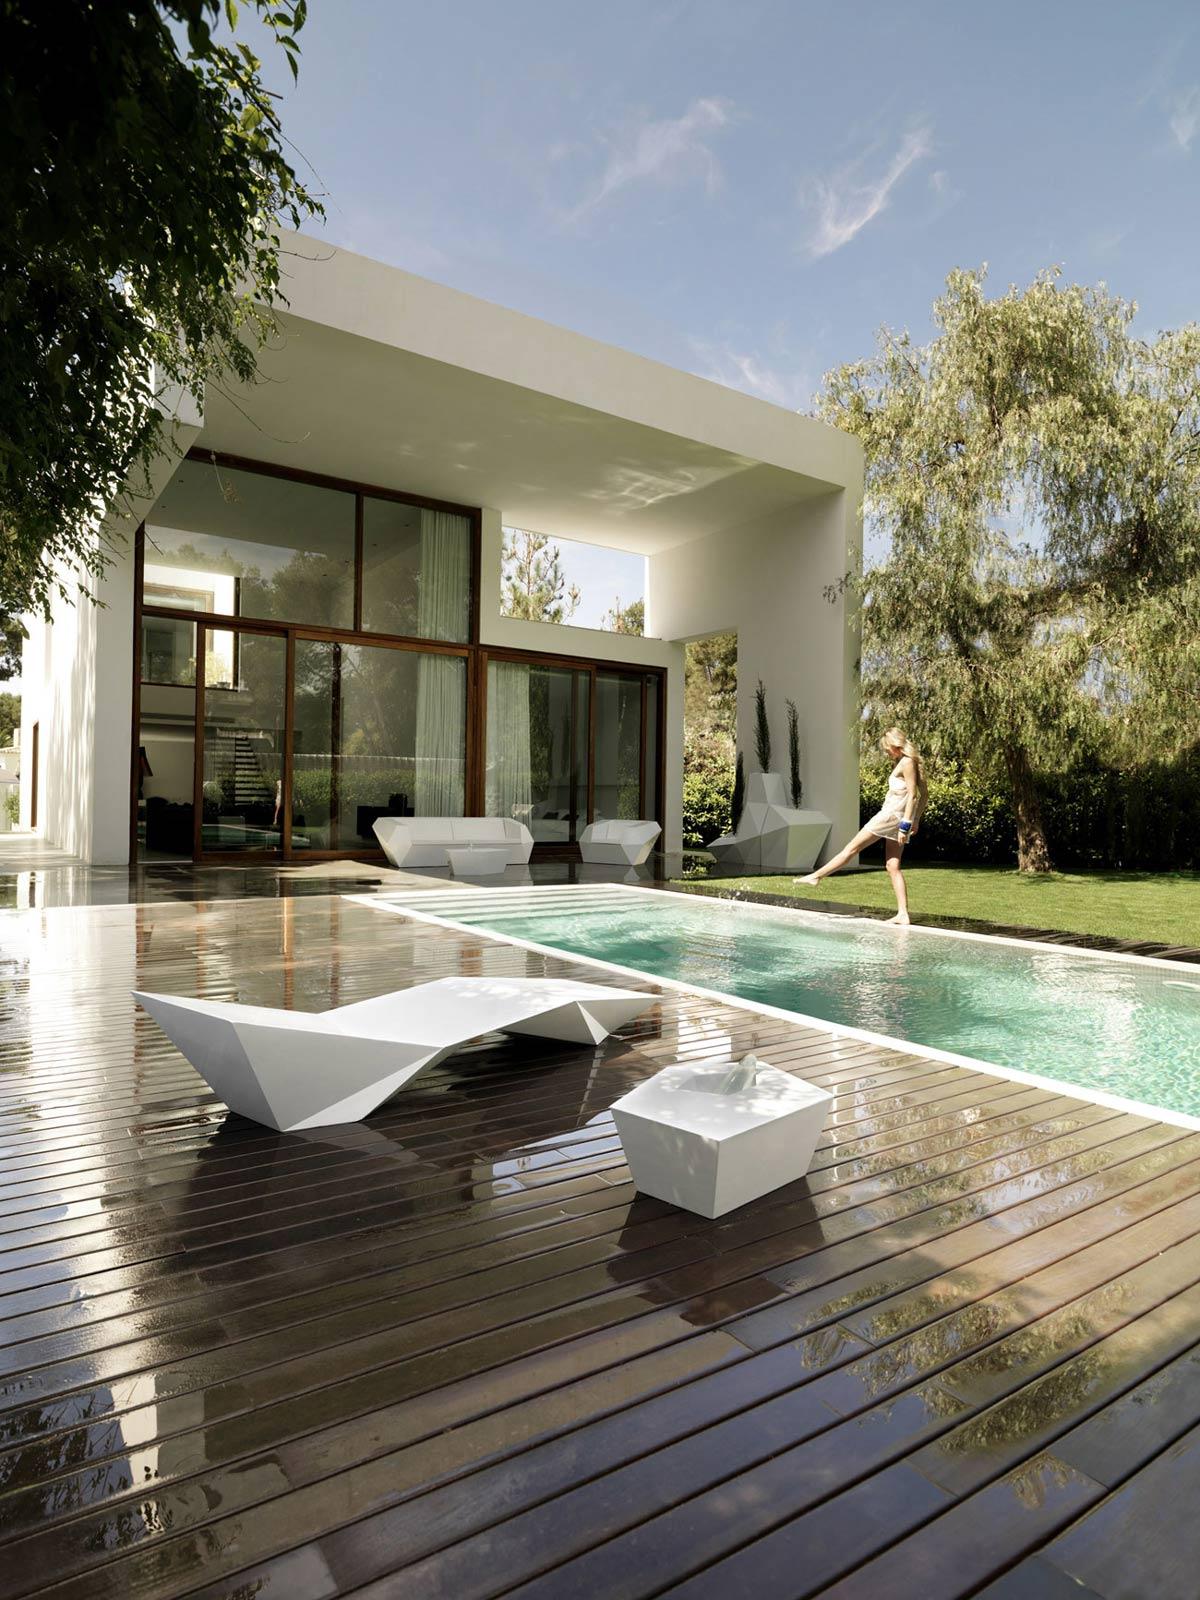 Casa rocafort piscina fachada y terraza for Casas de sofas en valencia